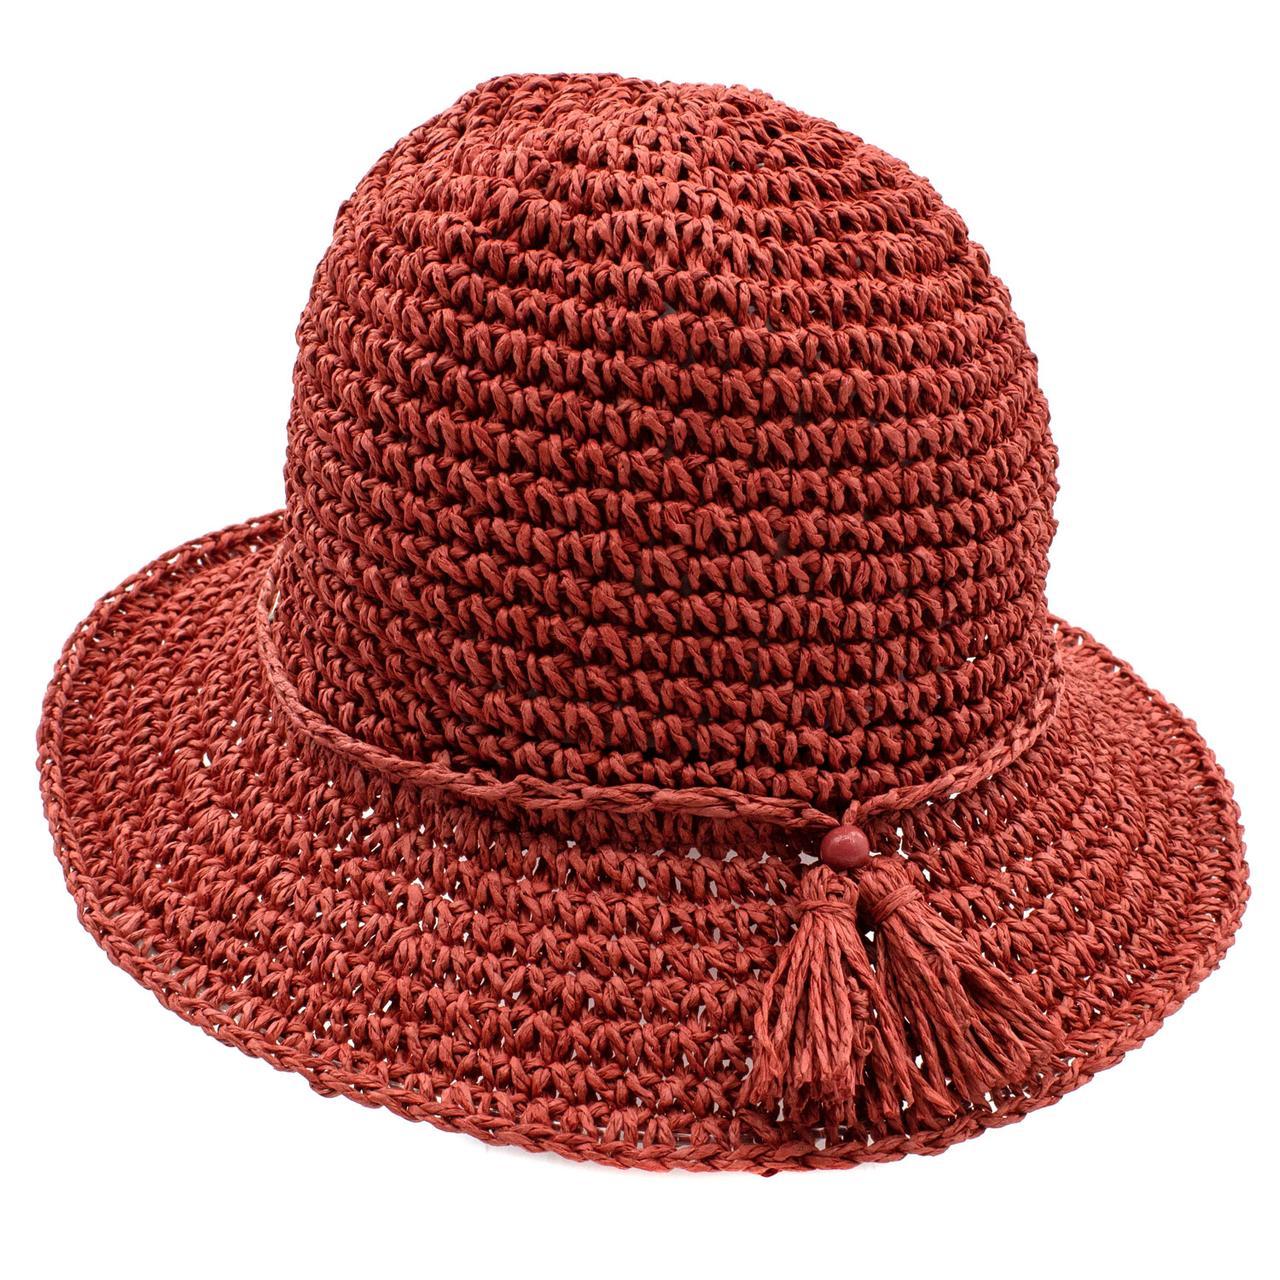 Шляпа женская Marmilen Кисточка терракотовая ( DM-202-30 )